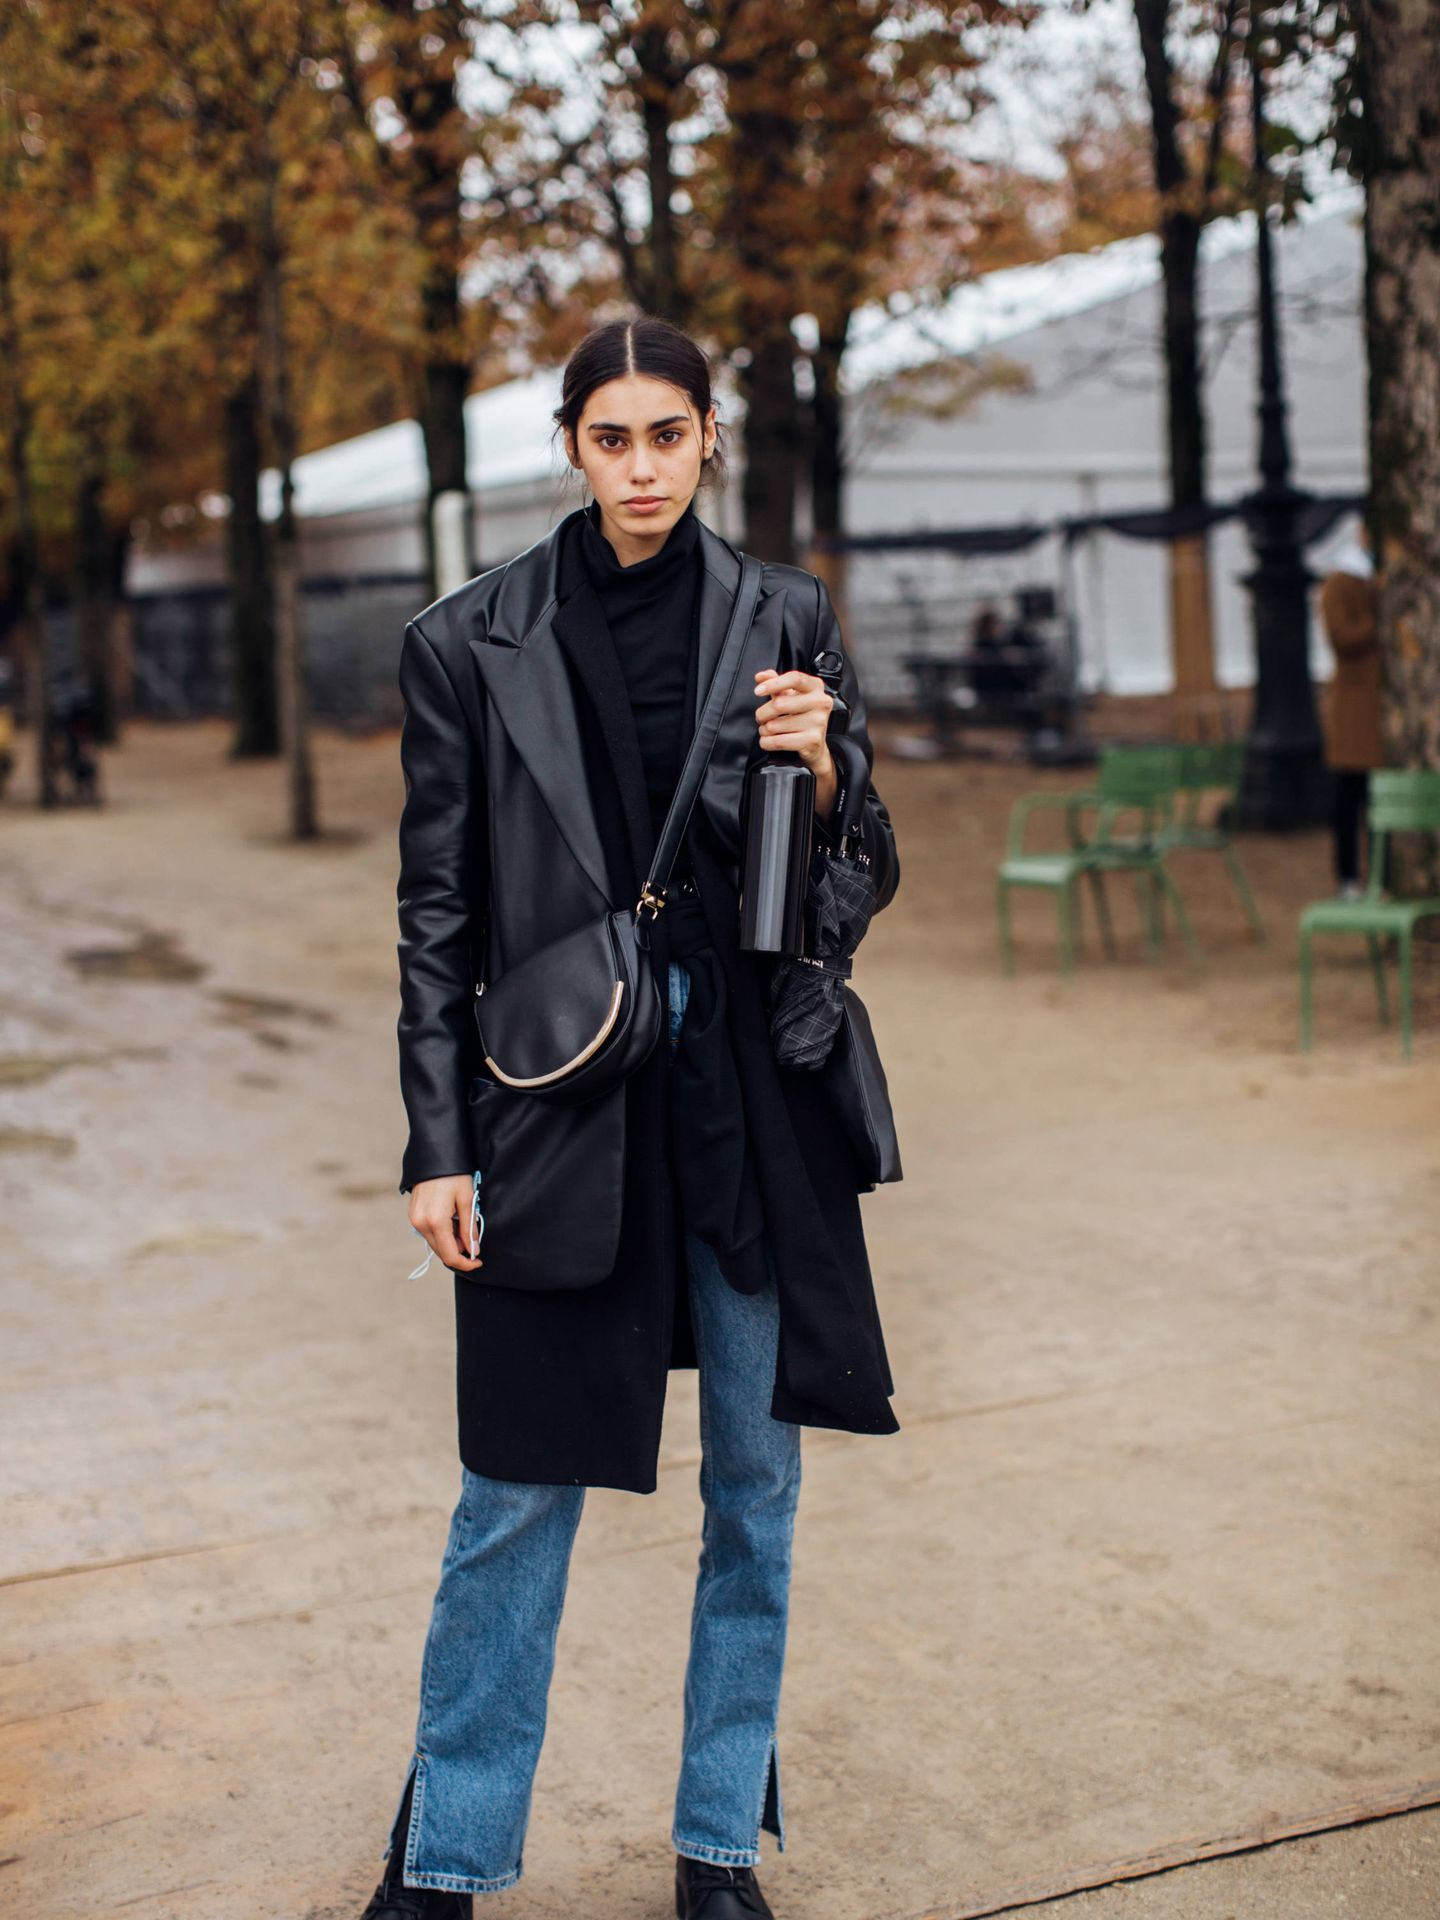 Una prescriptora posando en París. (Imaxtree)